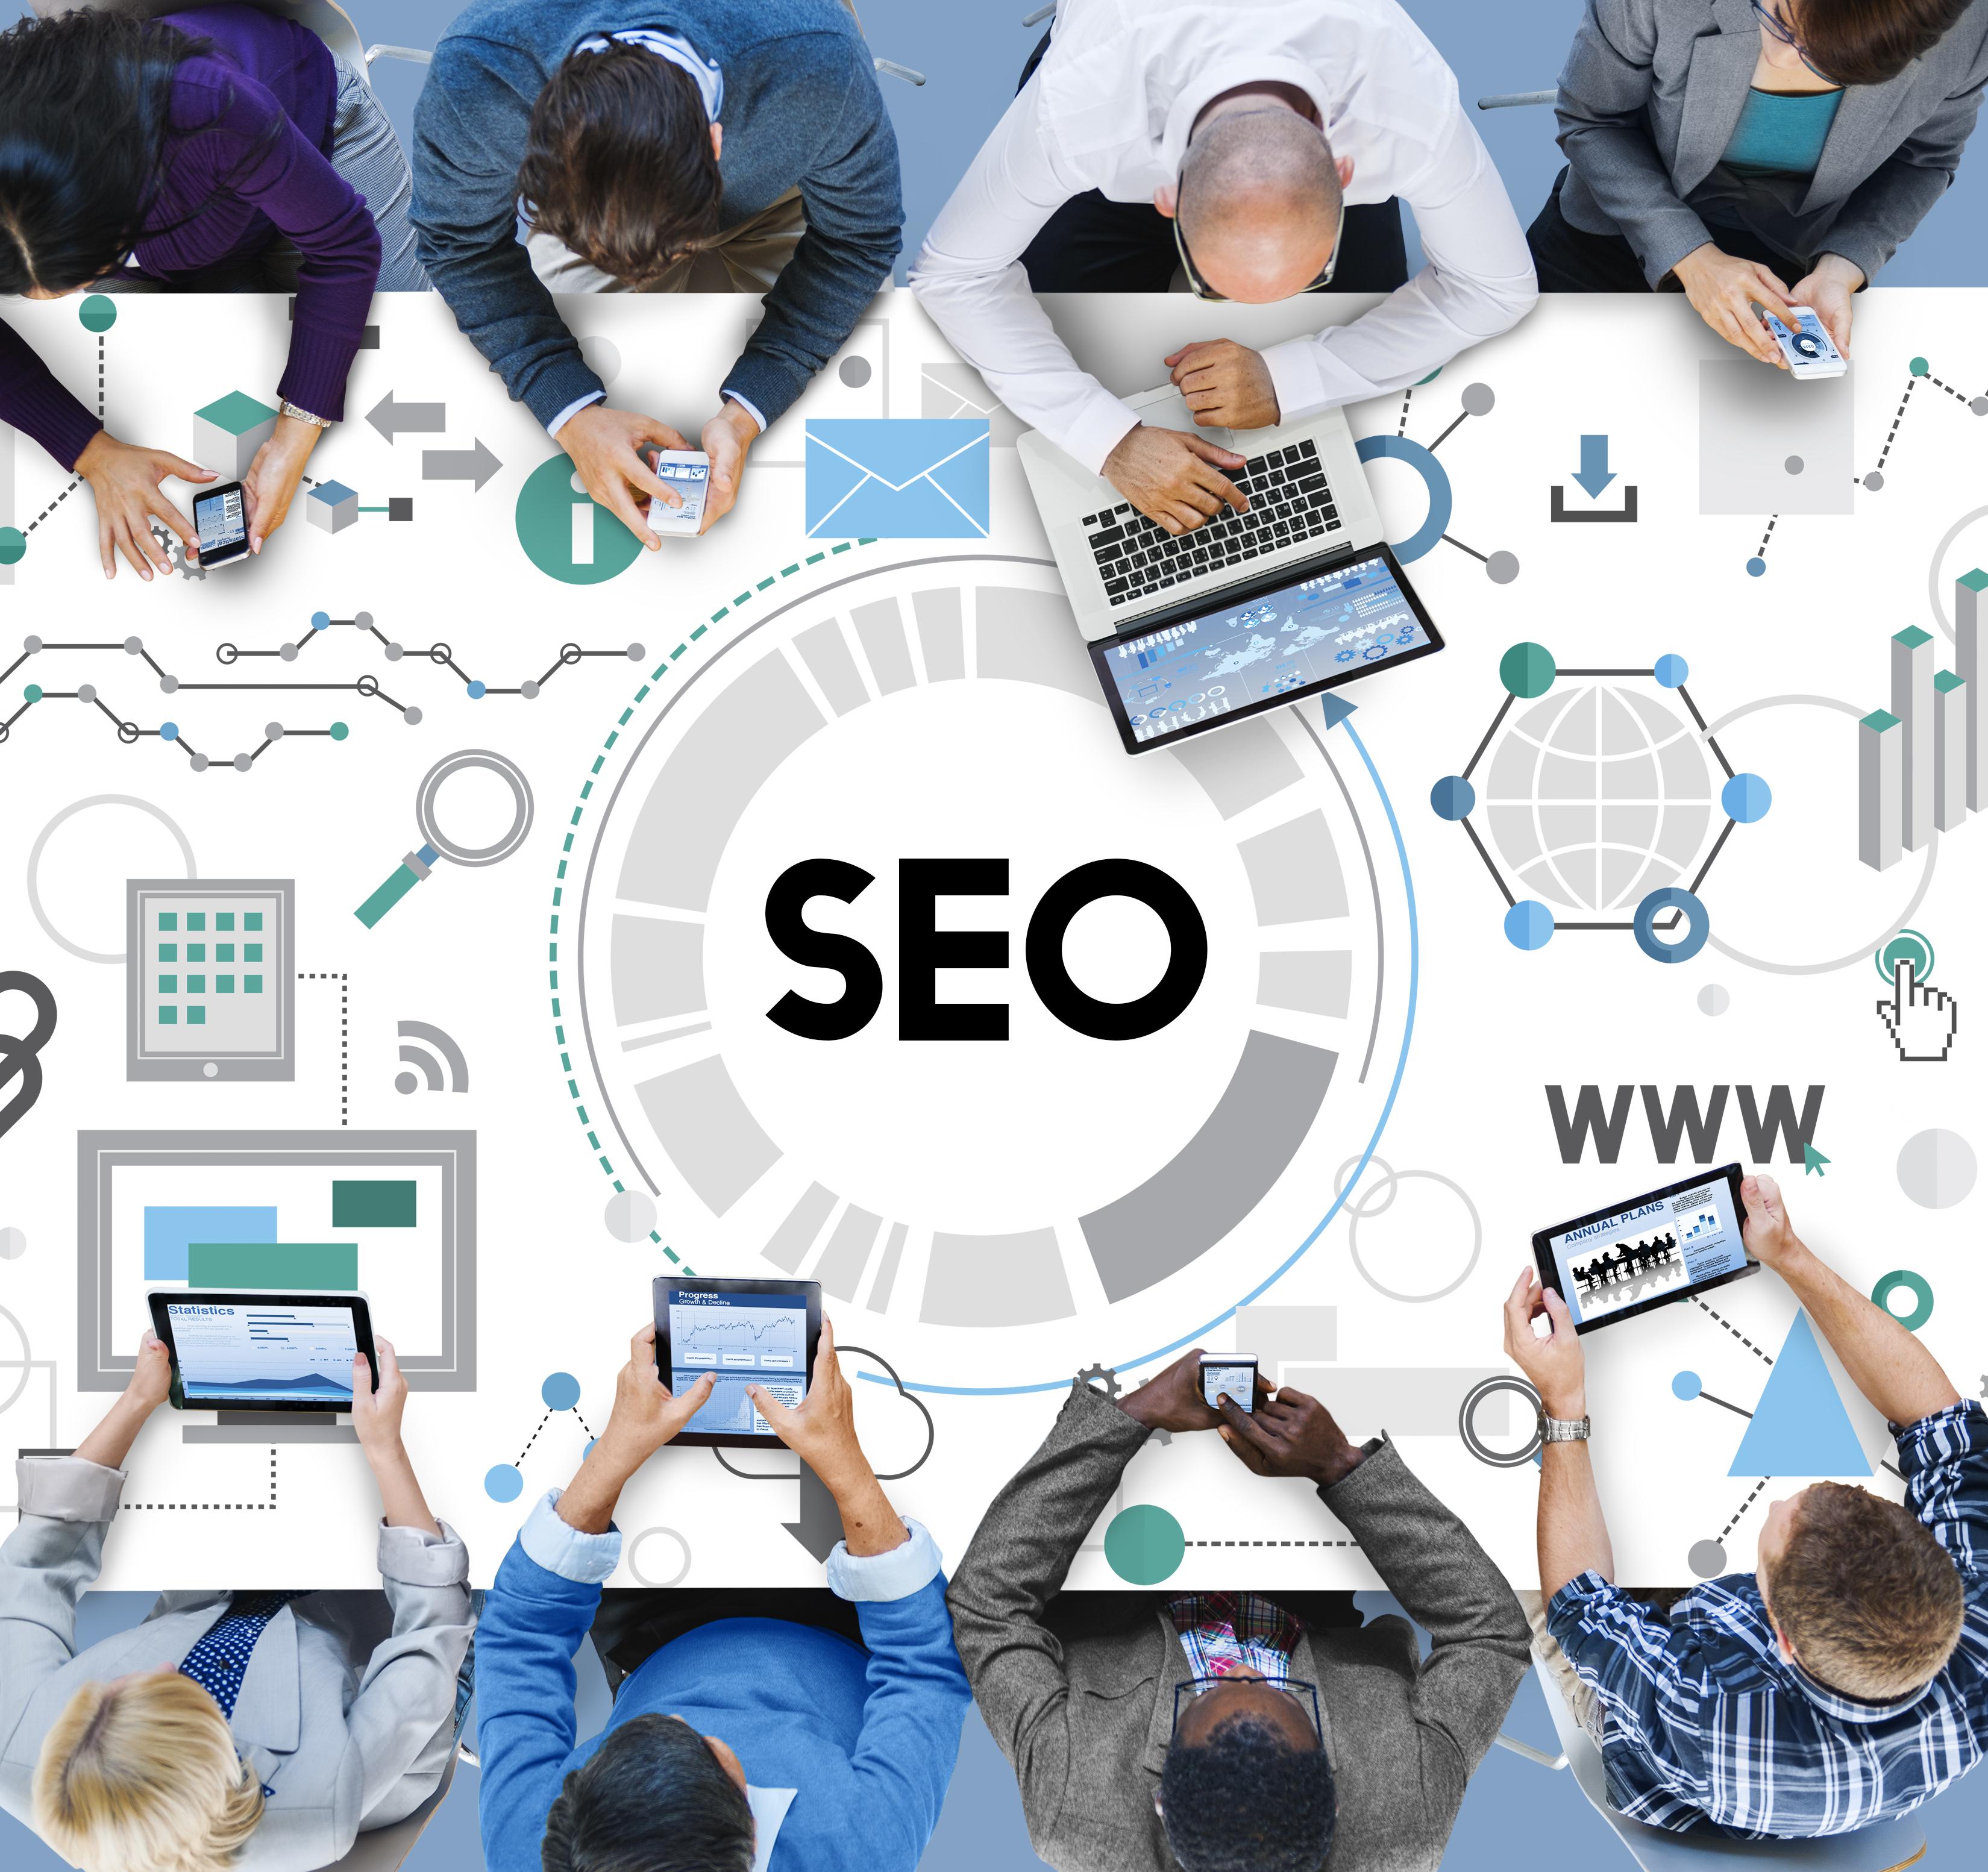 קידום אתרים – שירות חיוני להצלחתו של כל אתר ברשת